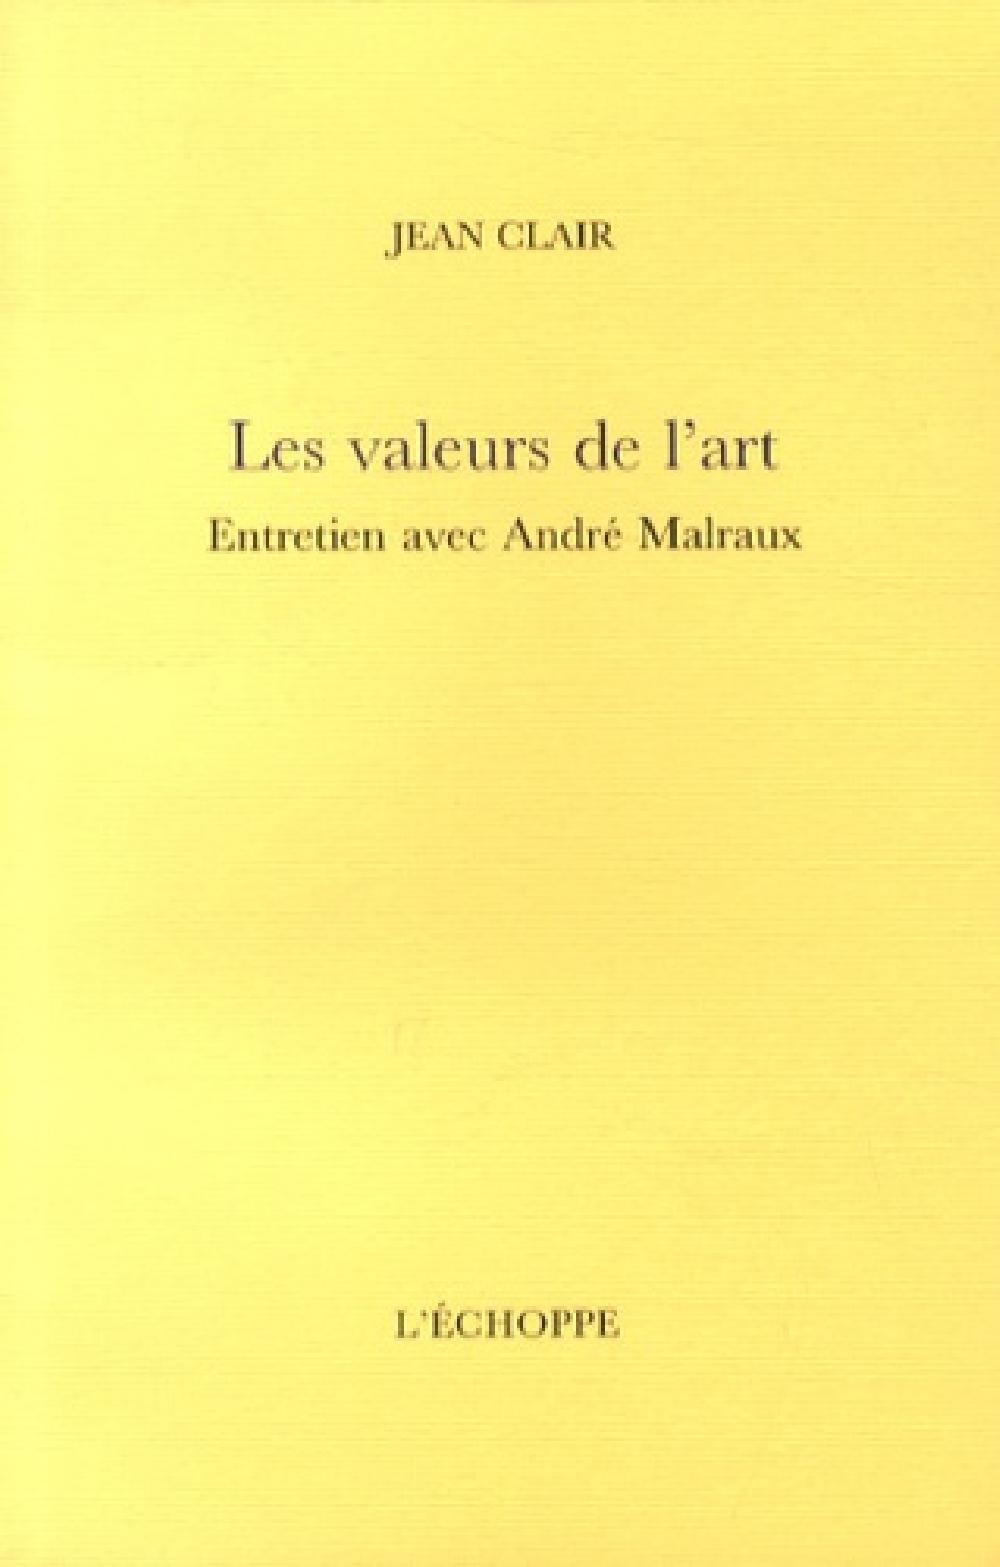 Les valeurs de l'art - Entretien avec André Malraux